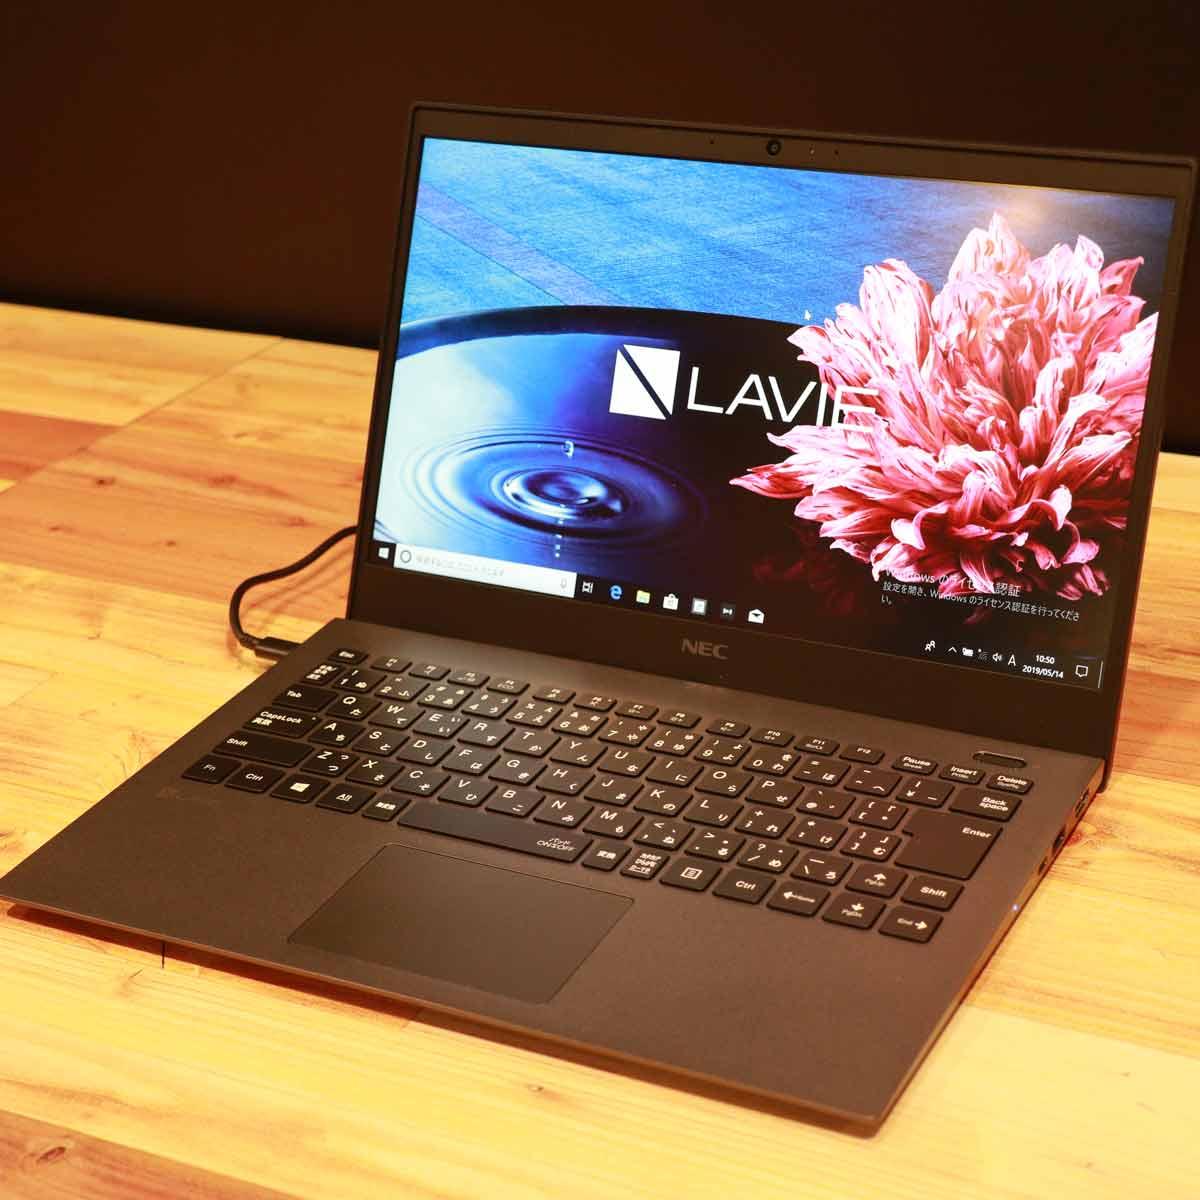 NECの新型ノートPC「LAVIE Pro Mobile」は世界最軽量にこだわらず、欲しい機能を詰め込んだ1台